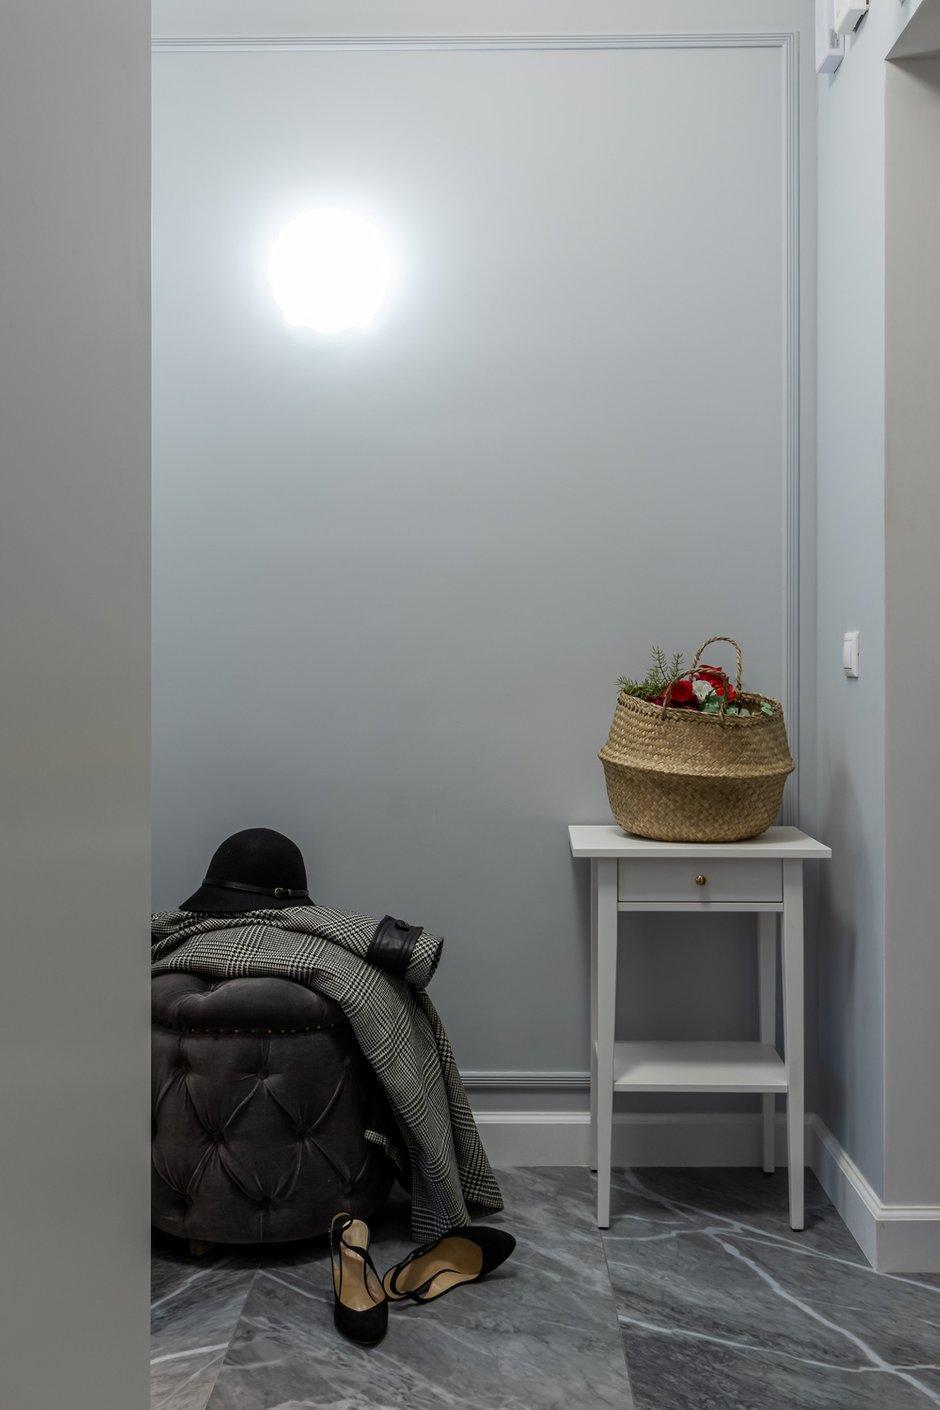 Фотография: Прихожая в стиле Современный, Малогабаритная квартира, Квартира, Студия, Проект недели, Санкт-Петербург, до 40 метров, Елена Зингер – фото на INMYROOM